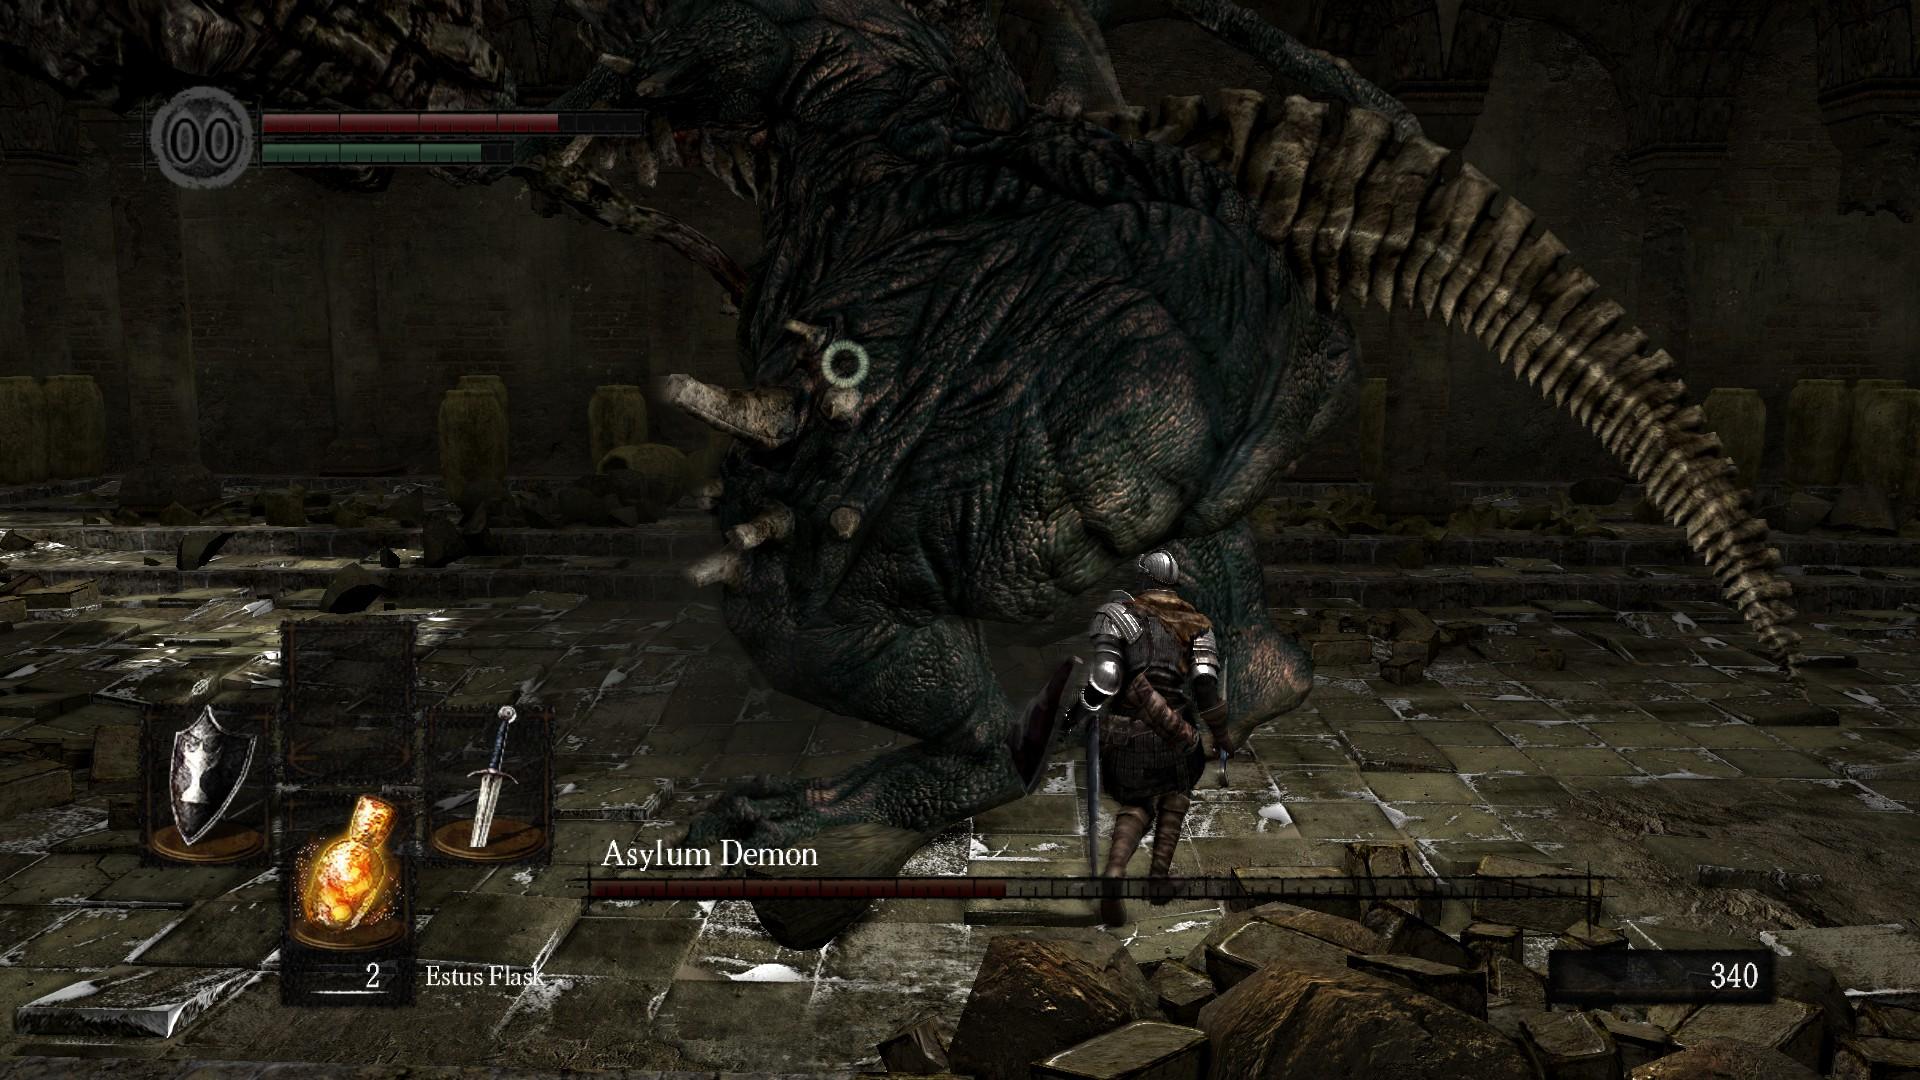 Dark Souls Asylum Demon